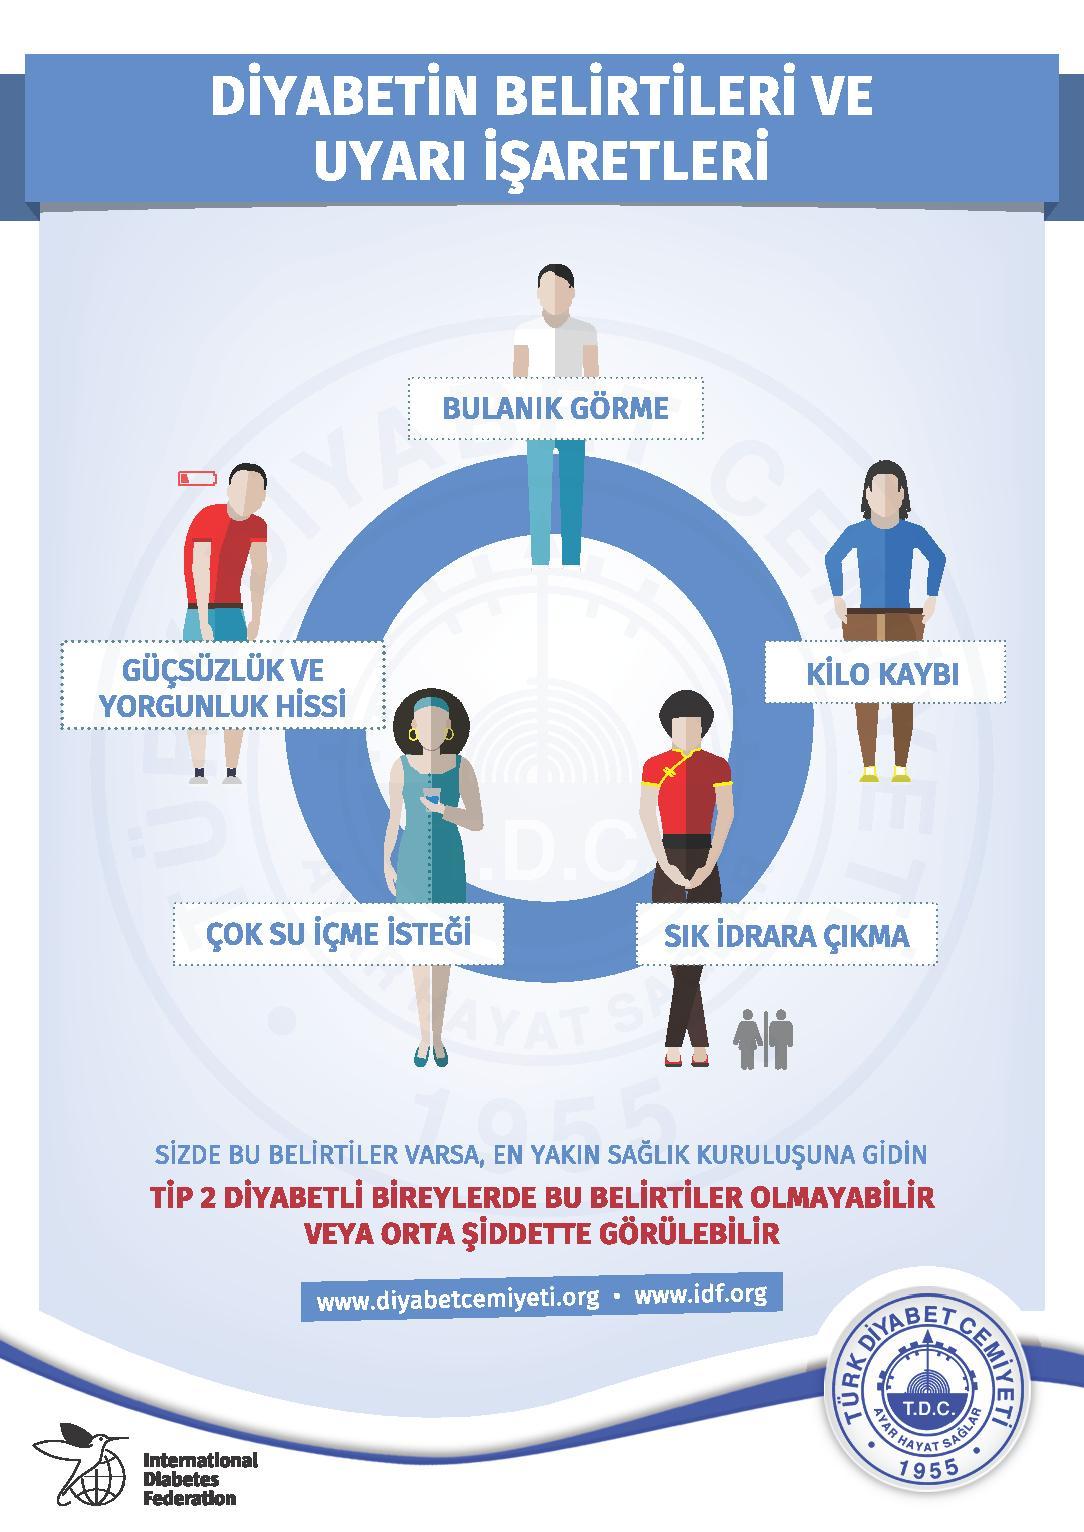 Tip 2 diyabetli şeker hastalığı